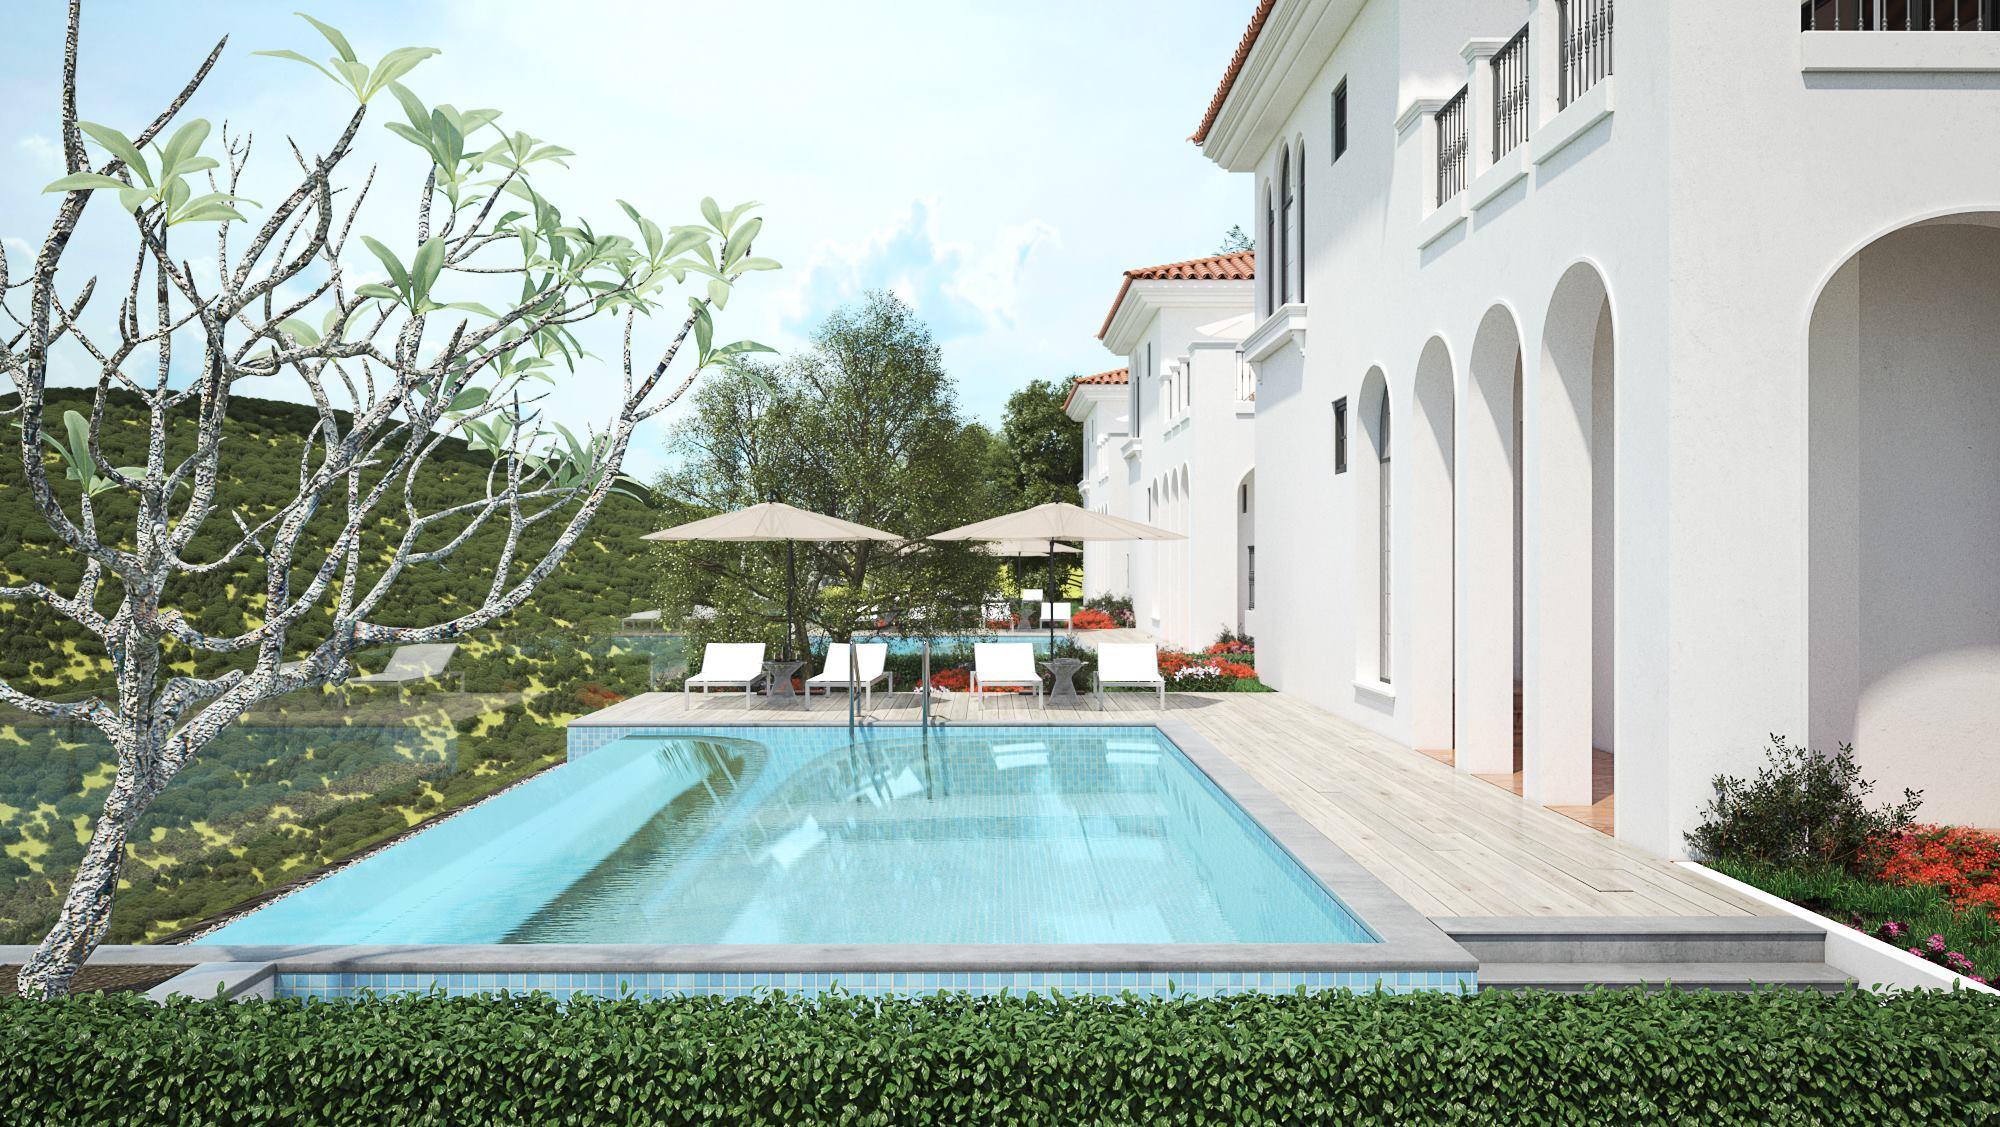 Thiết kế kiến trúc biệt thự sân vườn cuốn hút